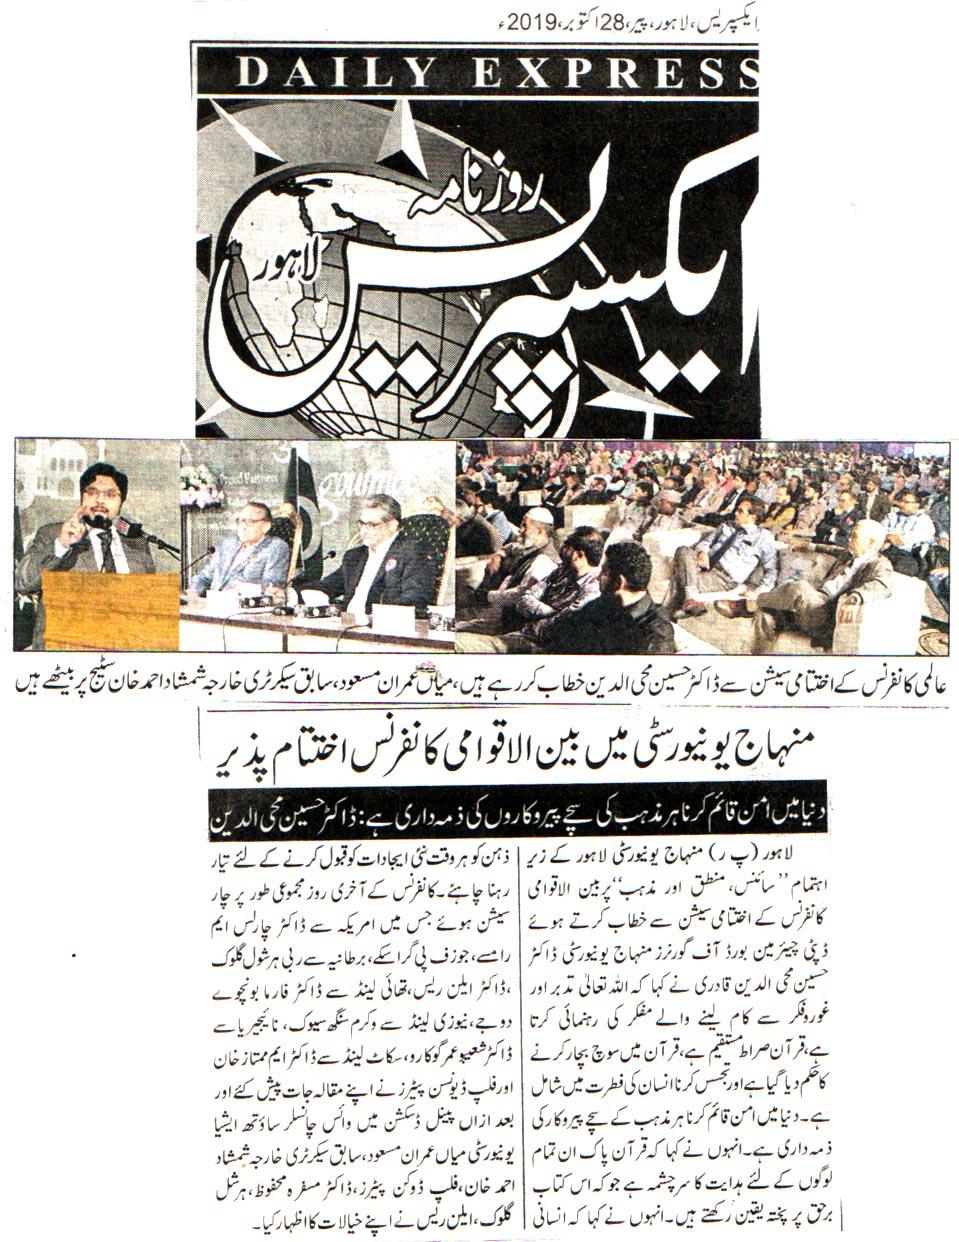 تحریک منہاج القرآن Pakistan Awami Tehreek  Print Media Coverage پرنٹ میڈیا کوریج DAILY EXPRESS BACK PAGE